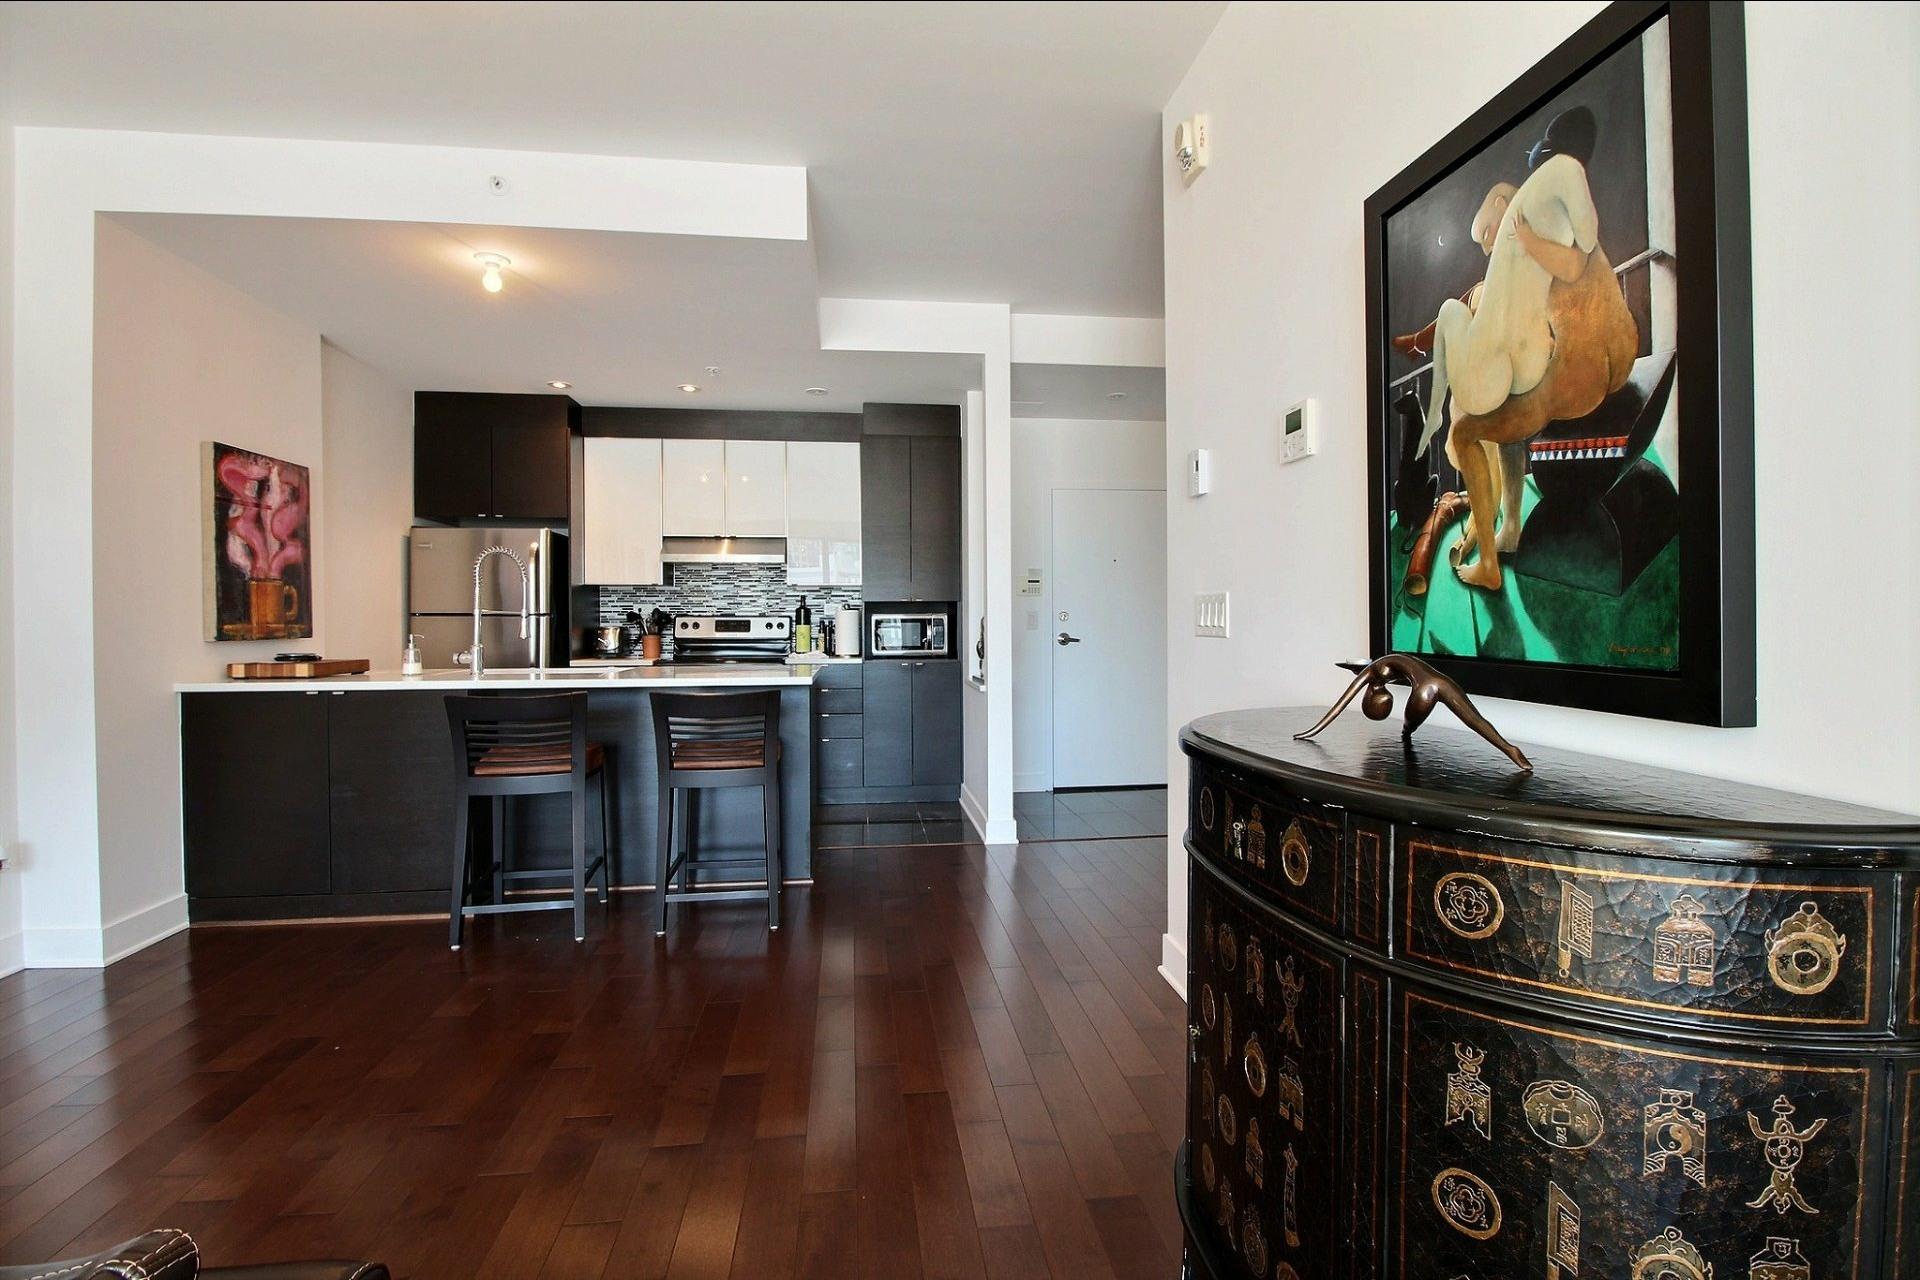 image 15 - Appartement À louer Côte-des-Neiges/Notre-Dame-de-Grâce Montréal  - 4 pièces